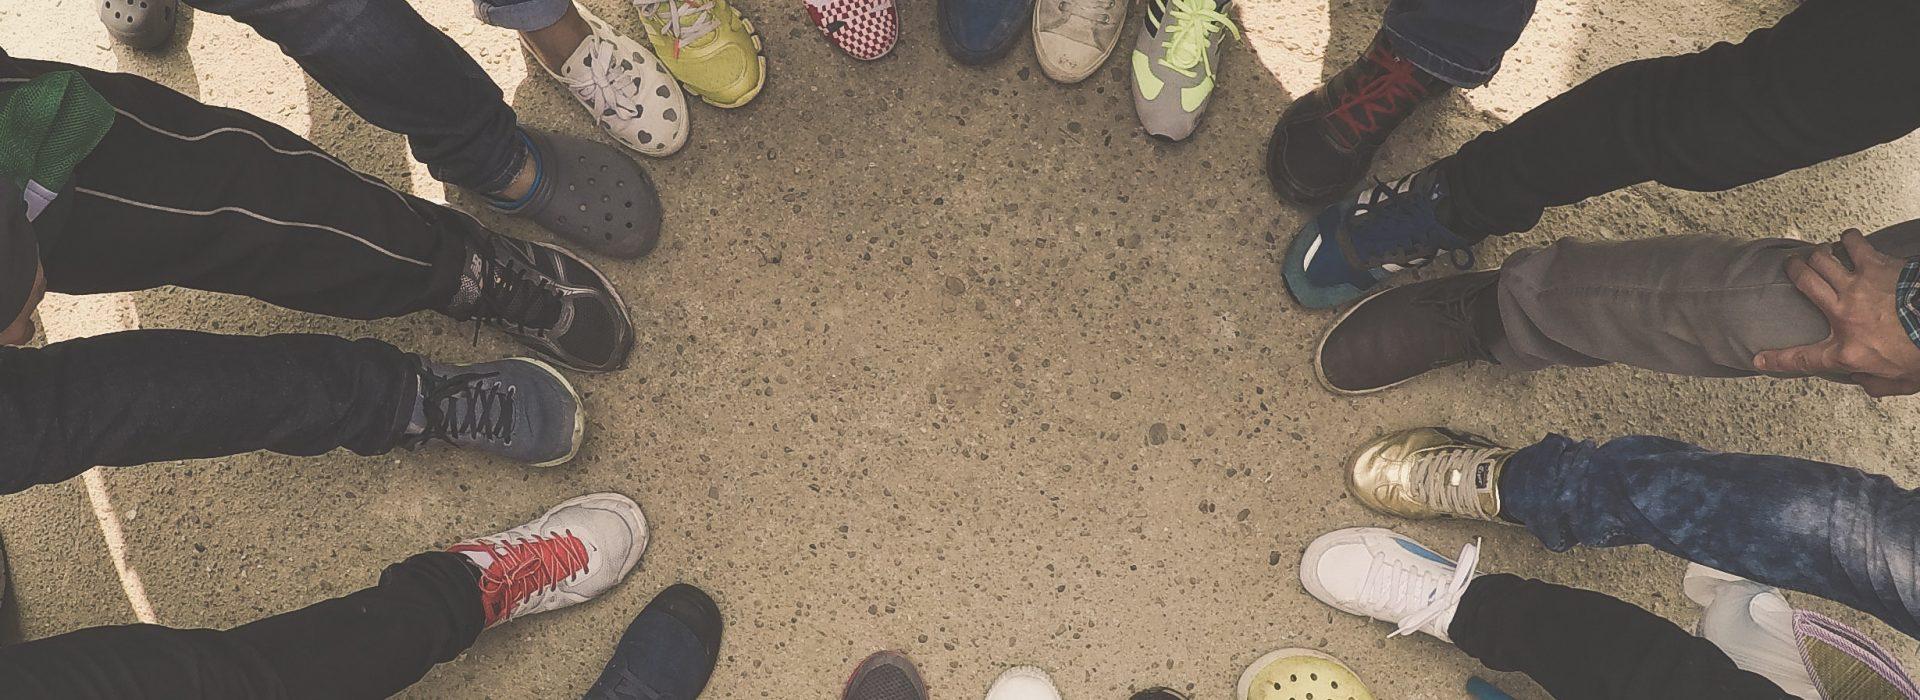 crowd-ground-hands-legs-450059